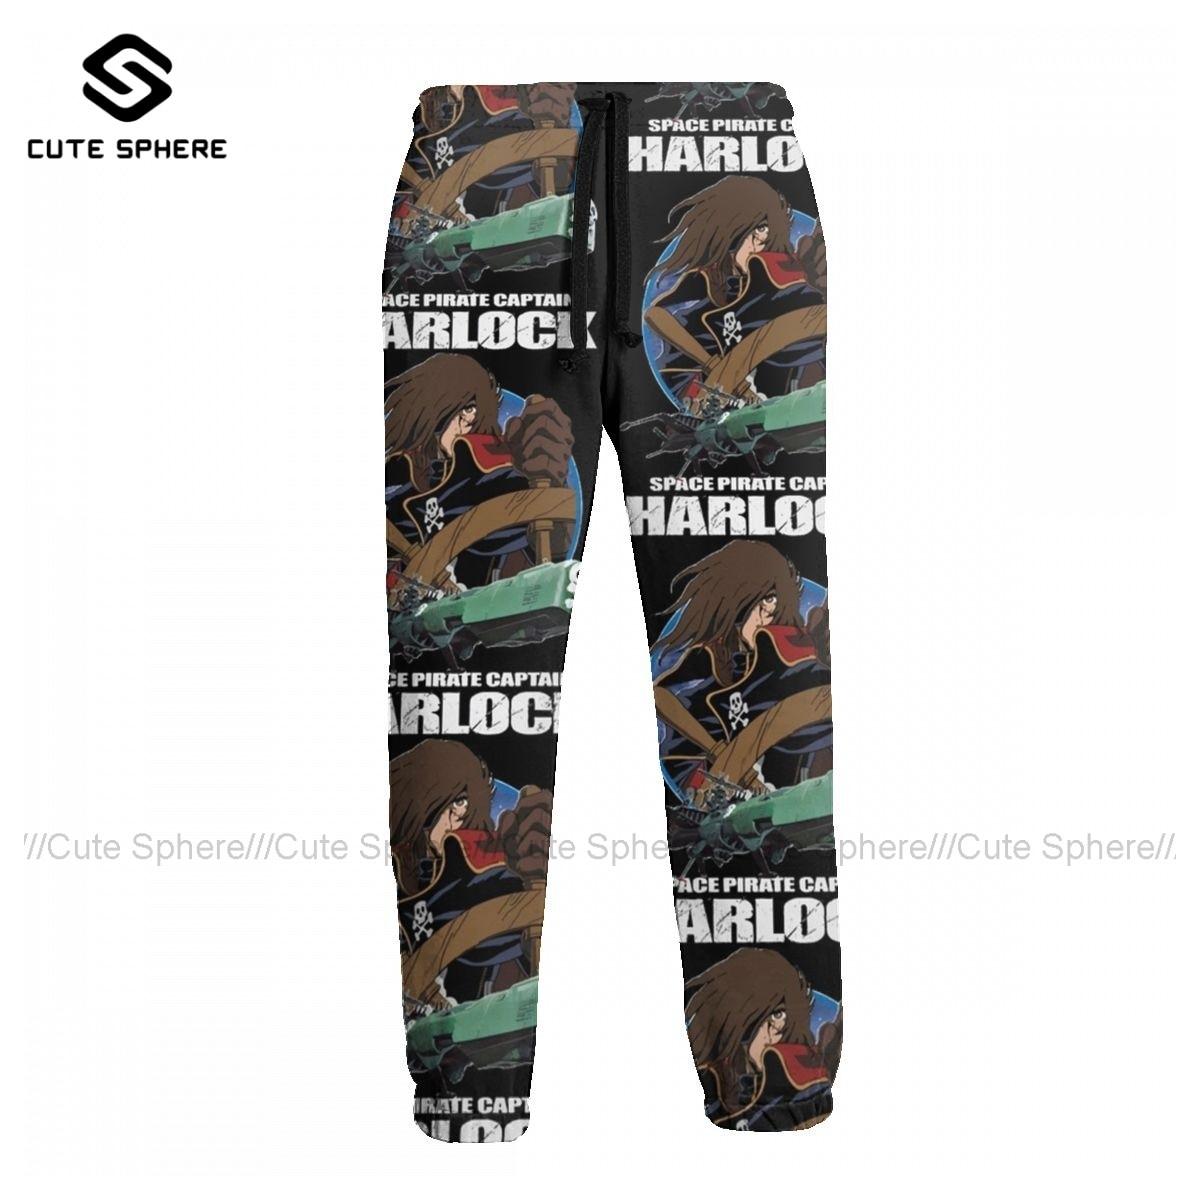 بنطلون رياضي هارلوك سروال رياضي مطبوع رجالي جولف بوليستر سراويل تقليدية